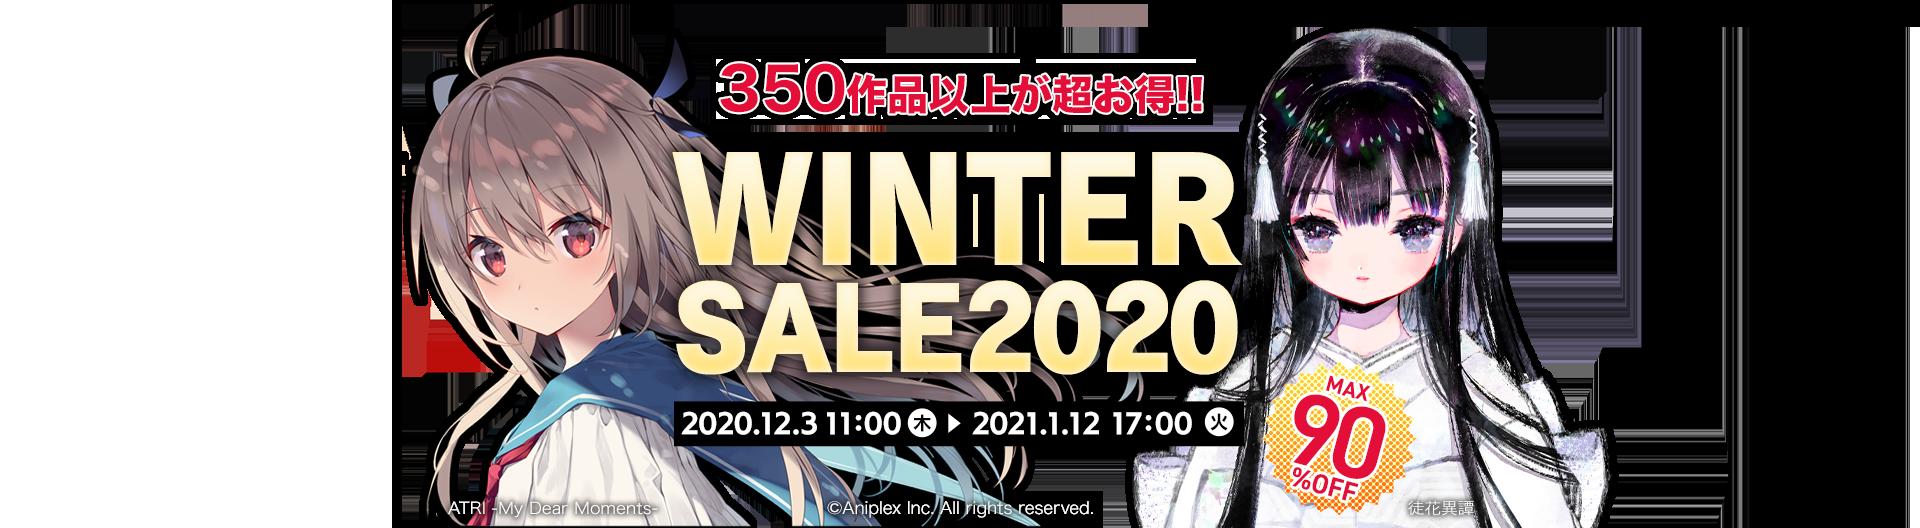 350作品以上が超お得!! WINTERSALE2020 2020.12.3 11:00(木) > 2021.1.12 17:00(火)